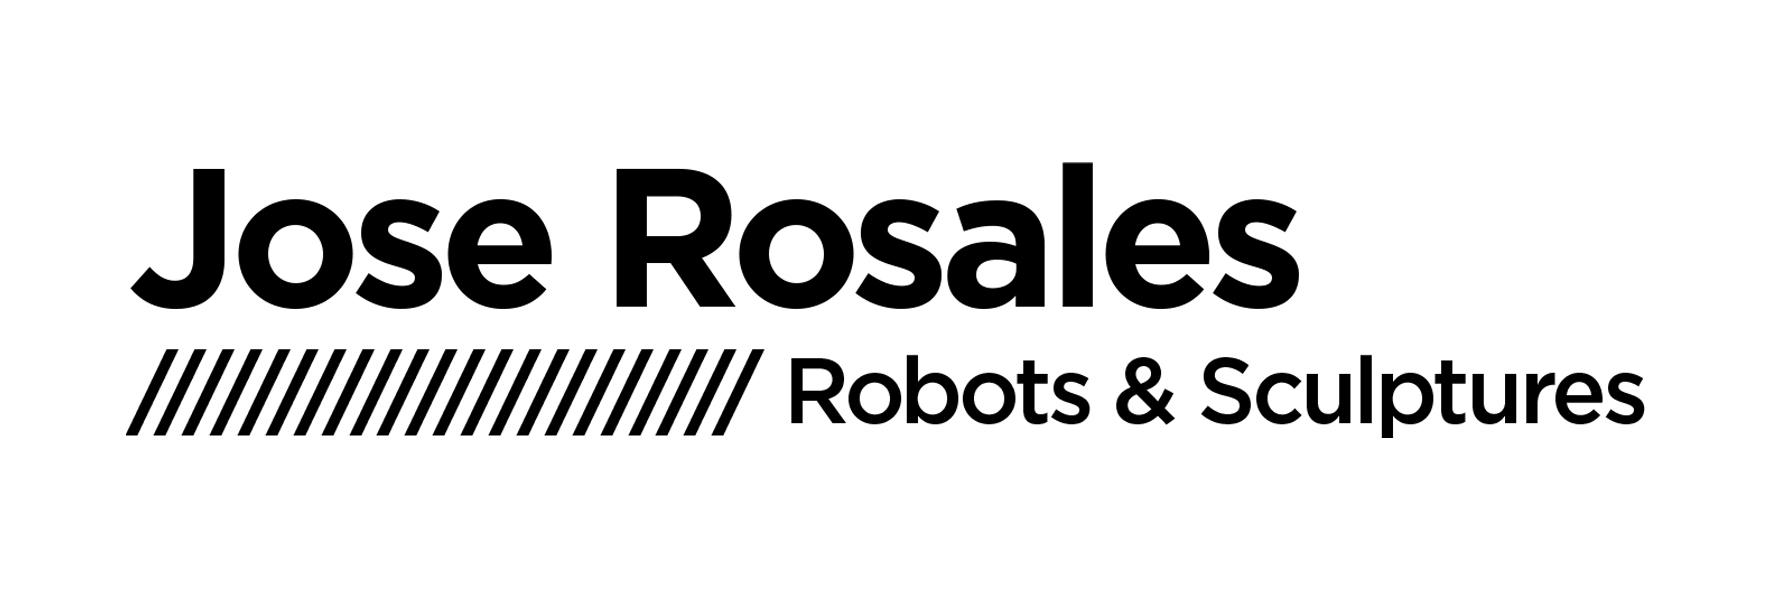 José Rosales